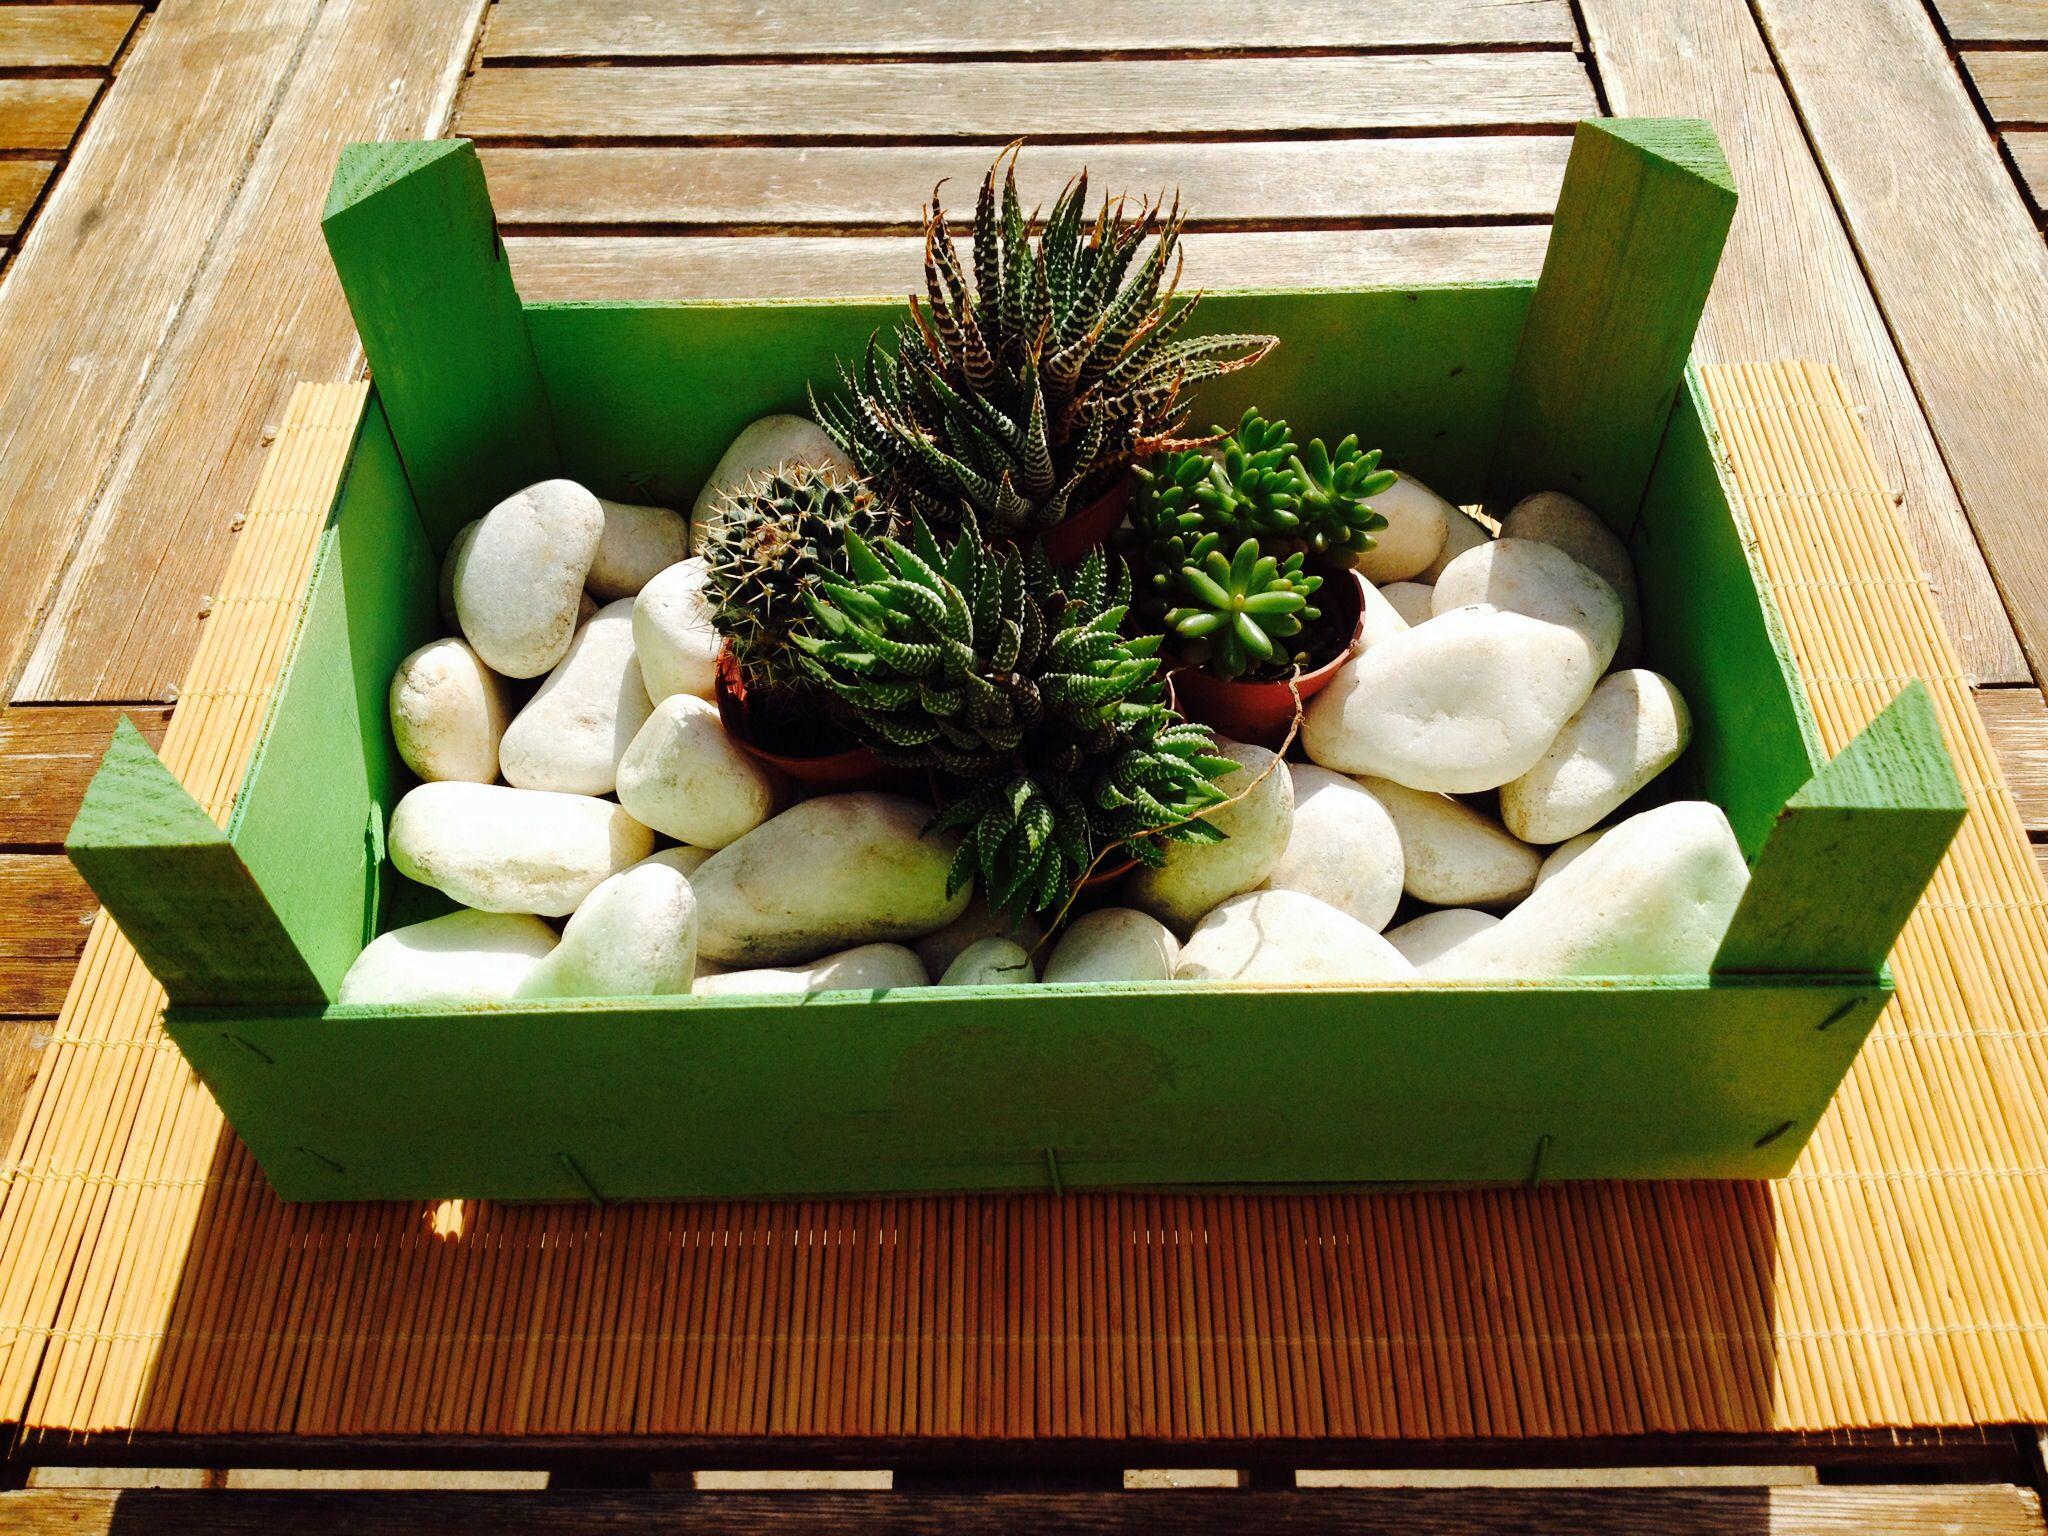 Caja de fresas pintada con spray piedras y cactus ideas para el hogar cajas cajas de fruta - Fresas para piedra ...